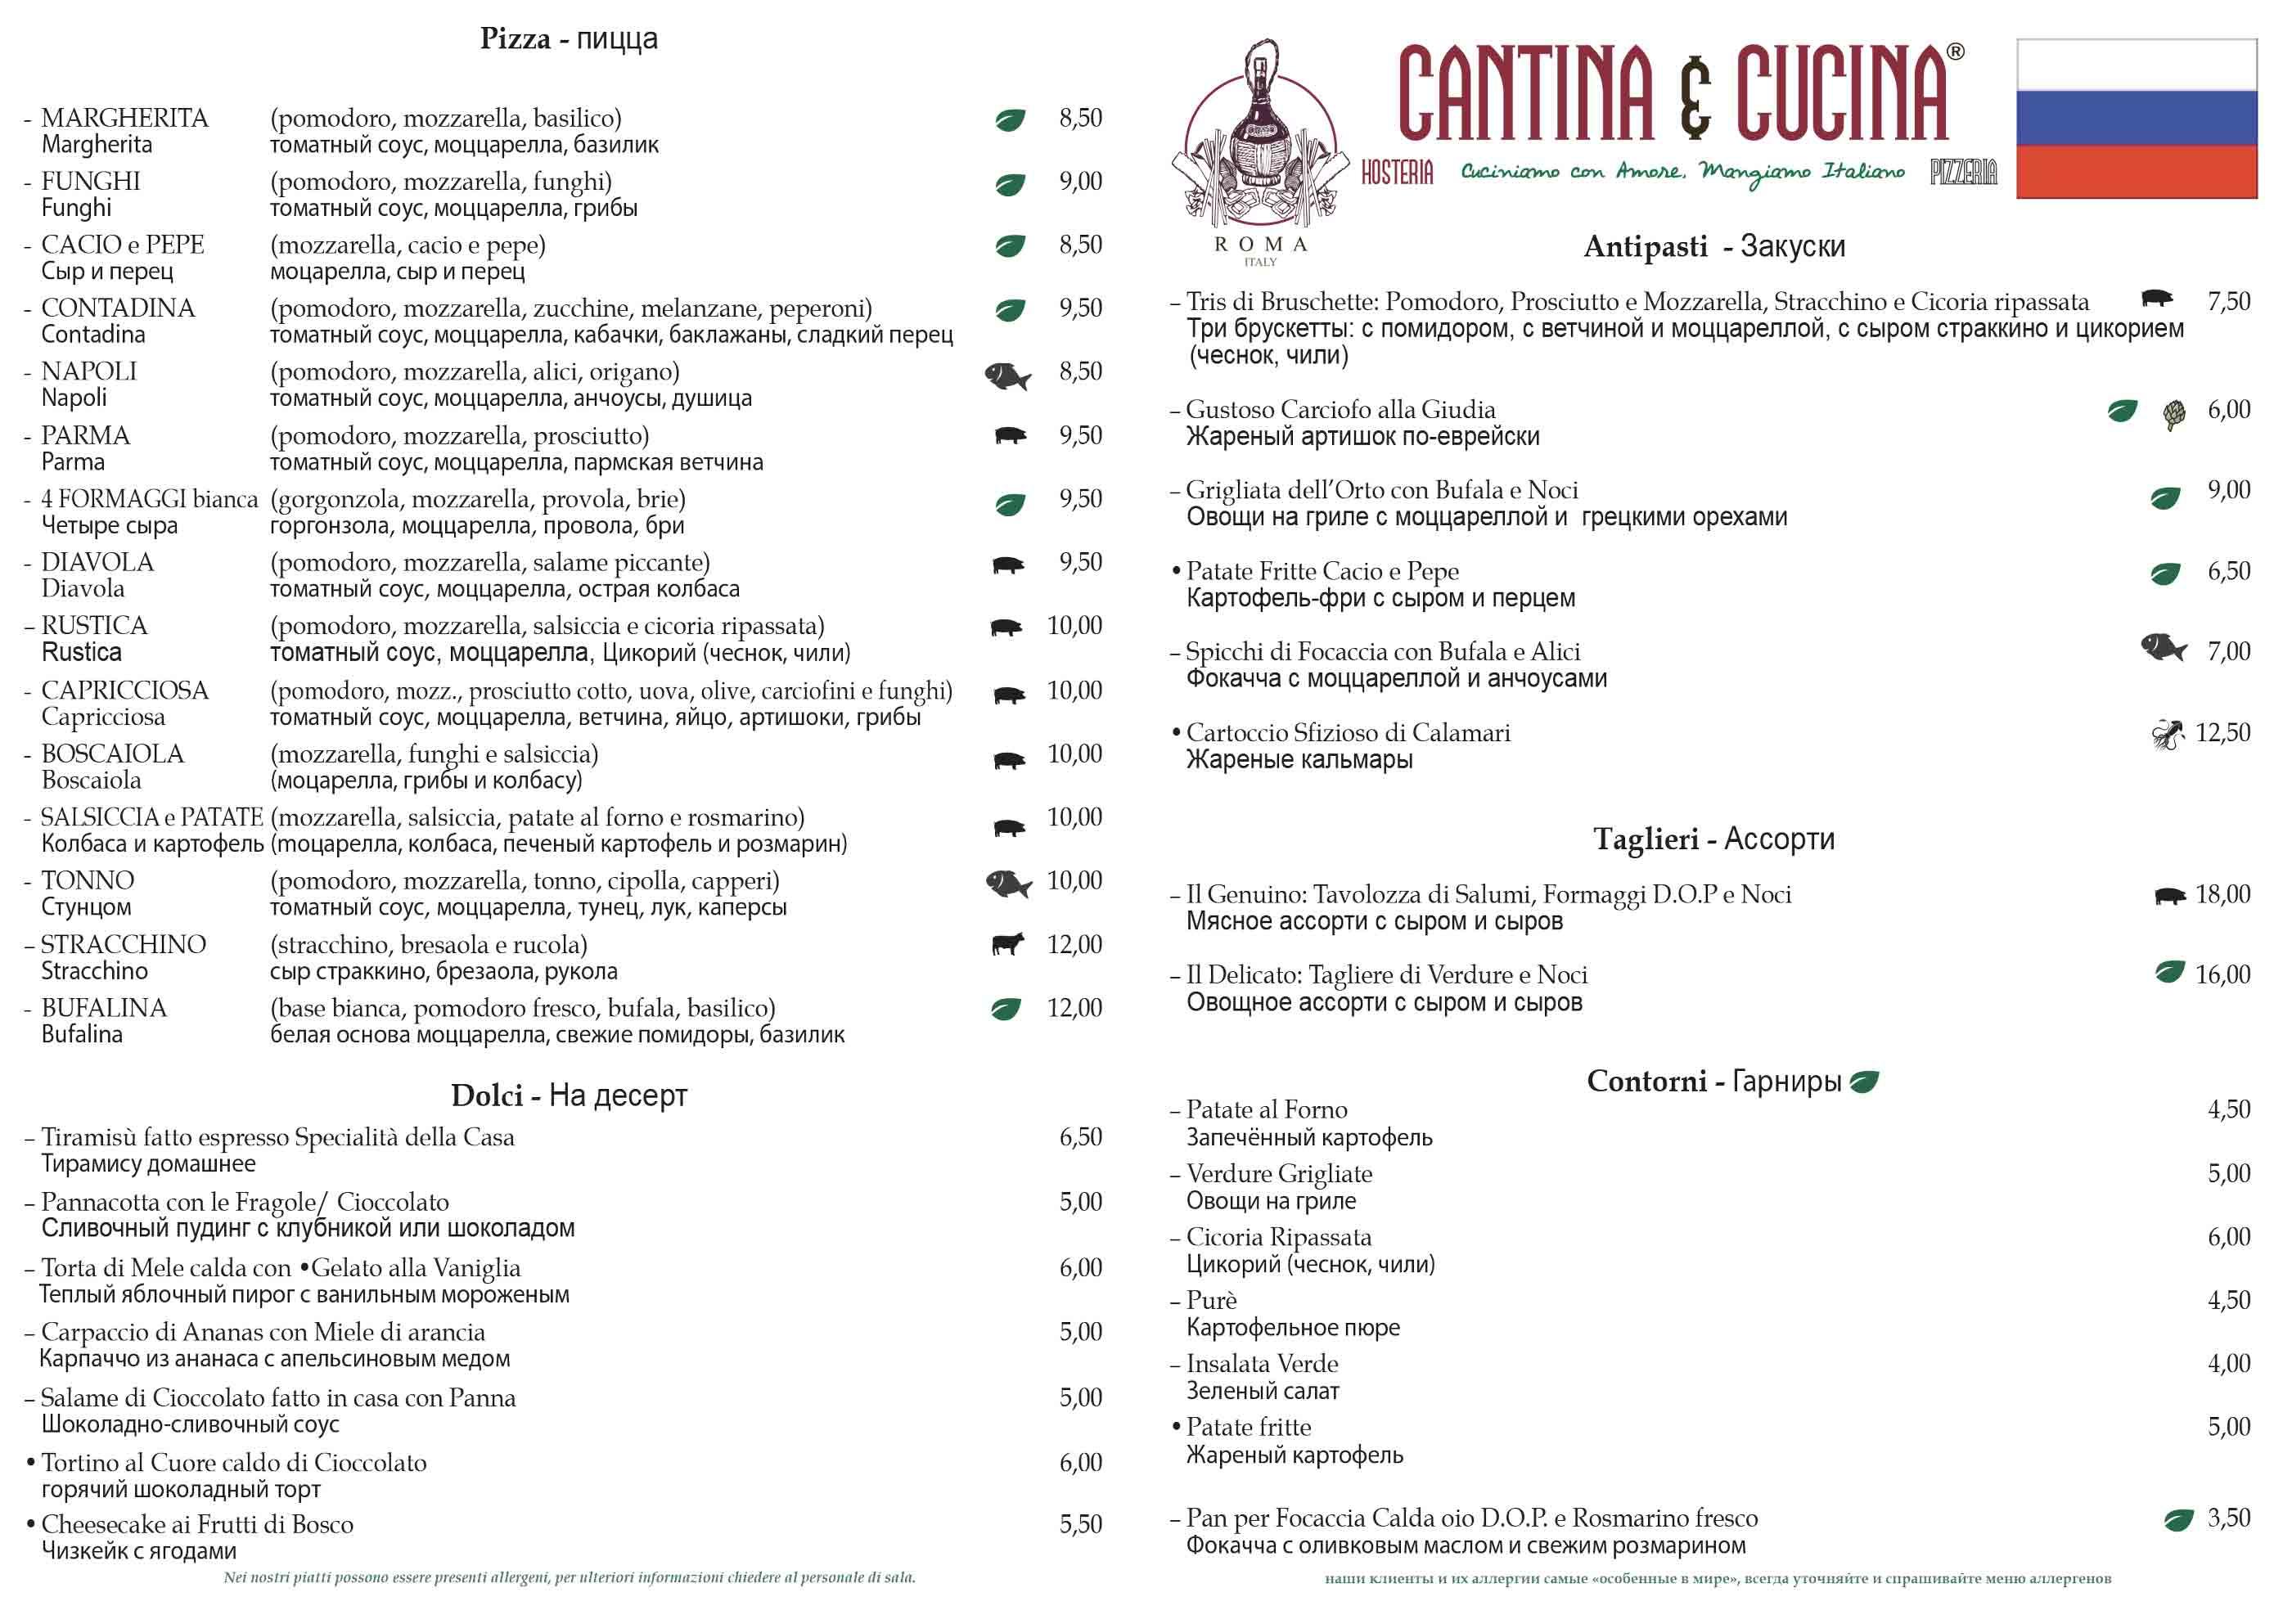 Cantina e Cucina - Hosteria Pizzeria